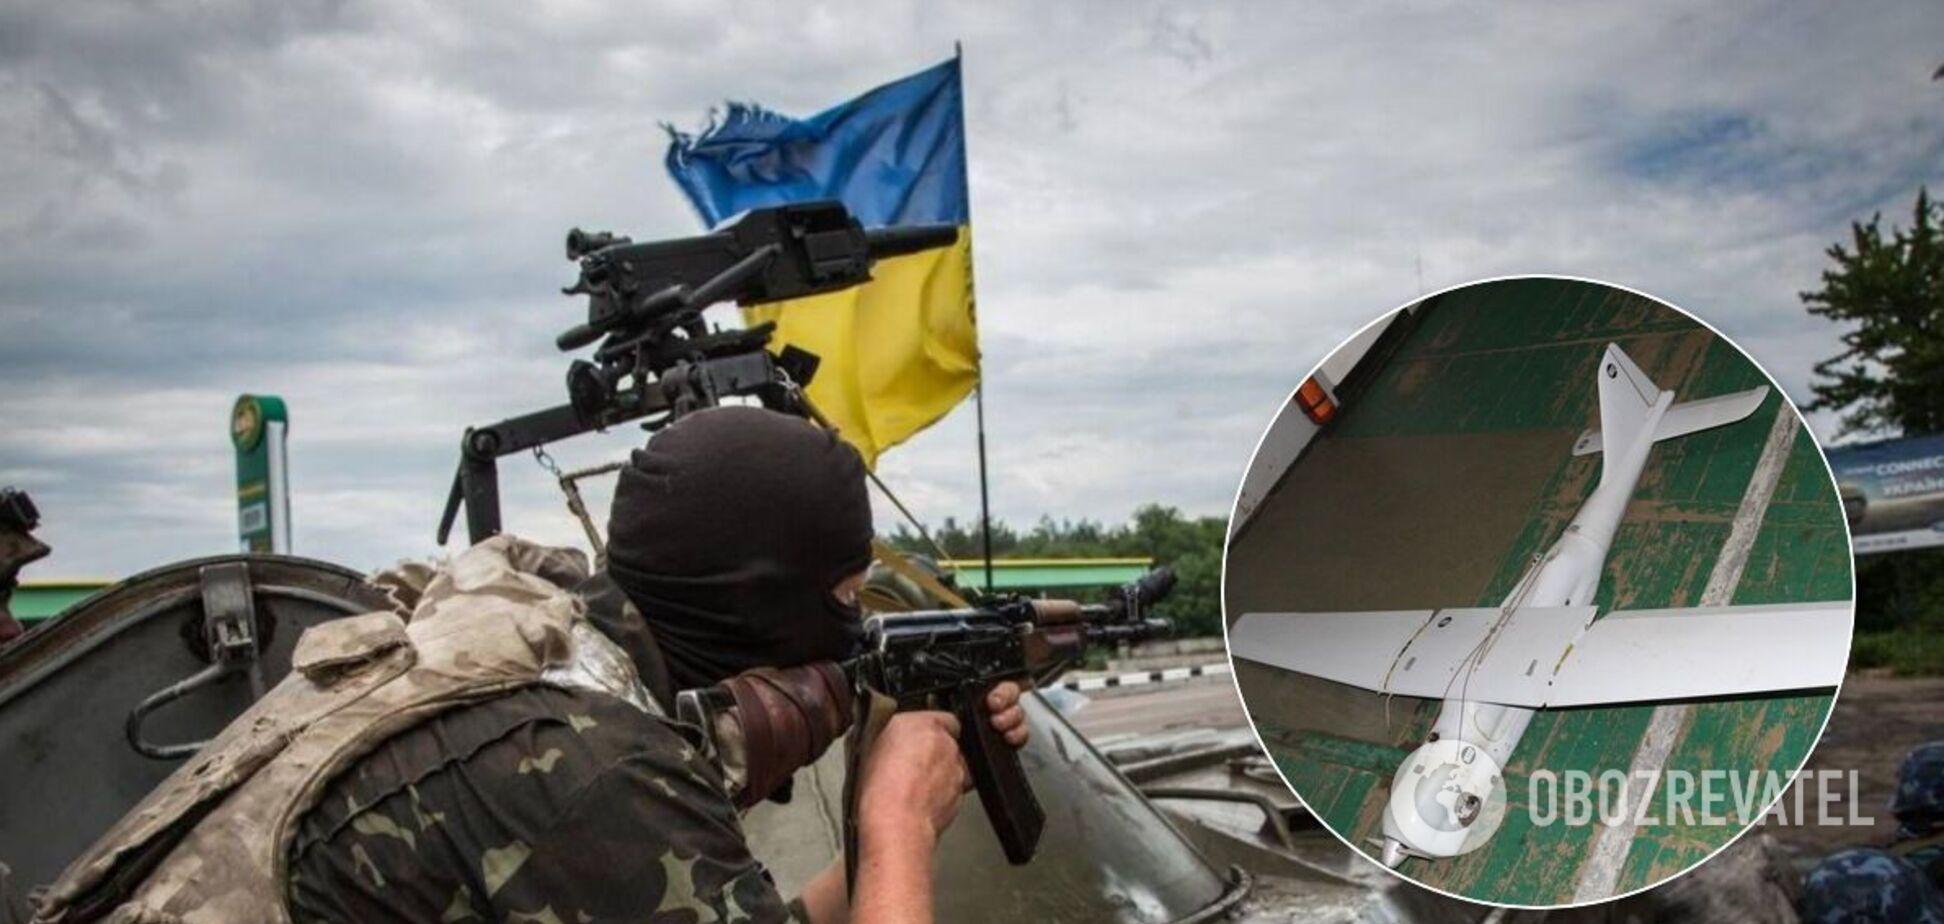 Терористи 'Л/ДНР' влаштували провокацію на Донбасі та запустили безпілотник